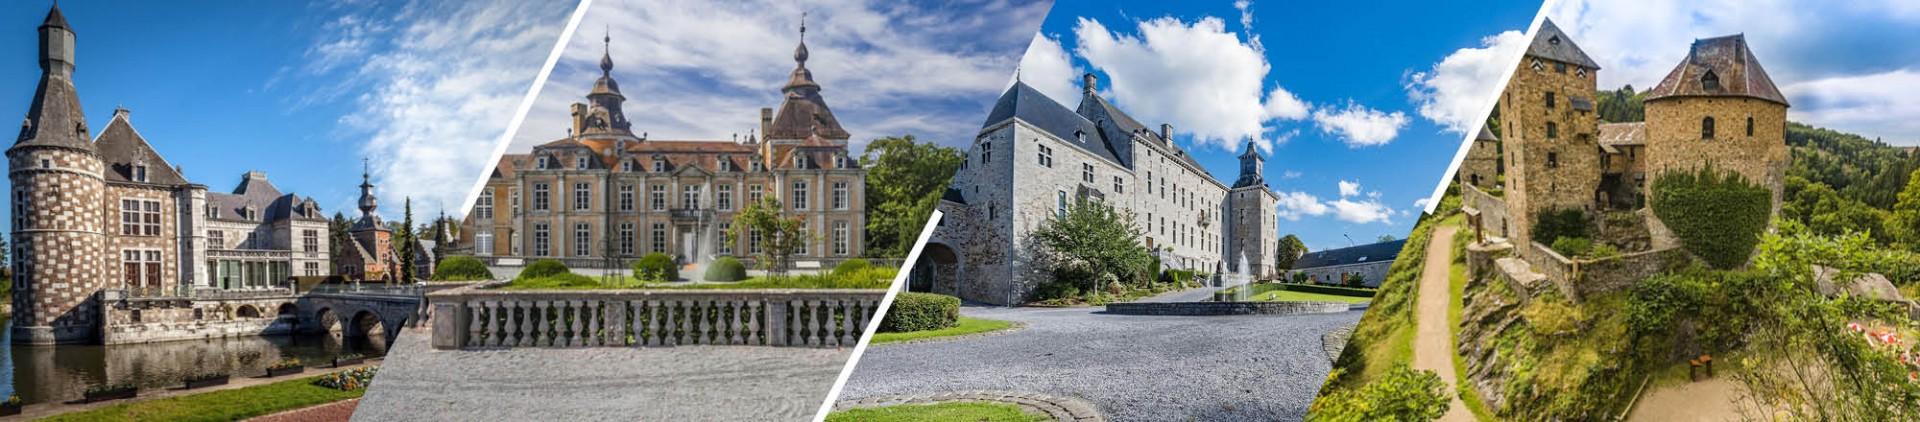 Kastelen in de provincie Luik